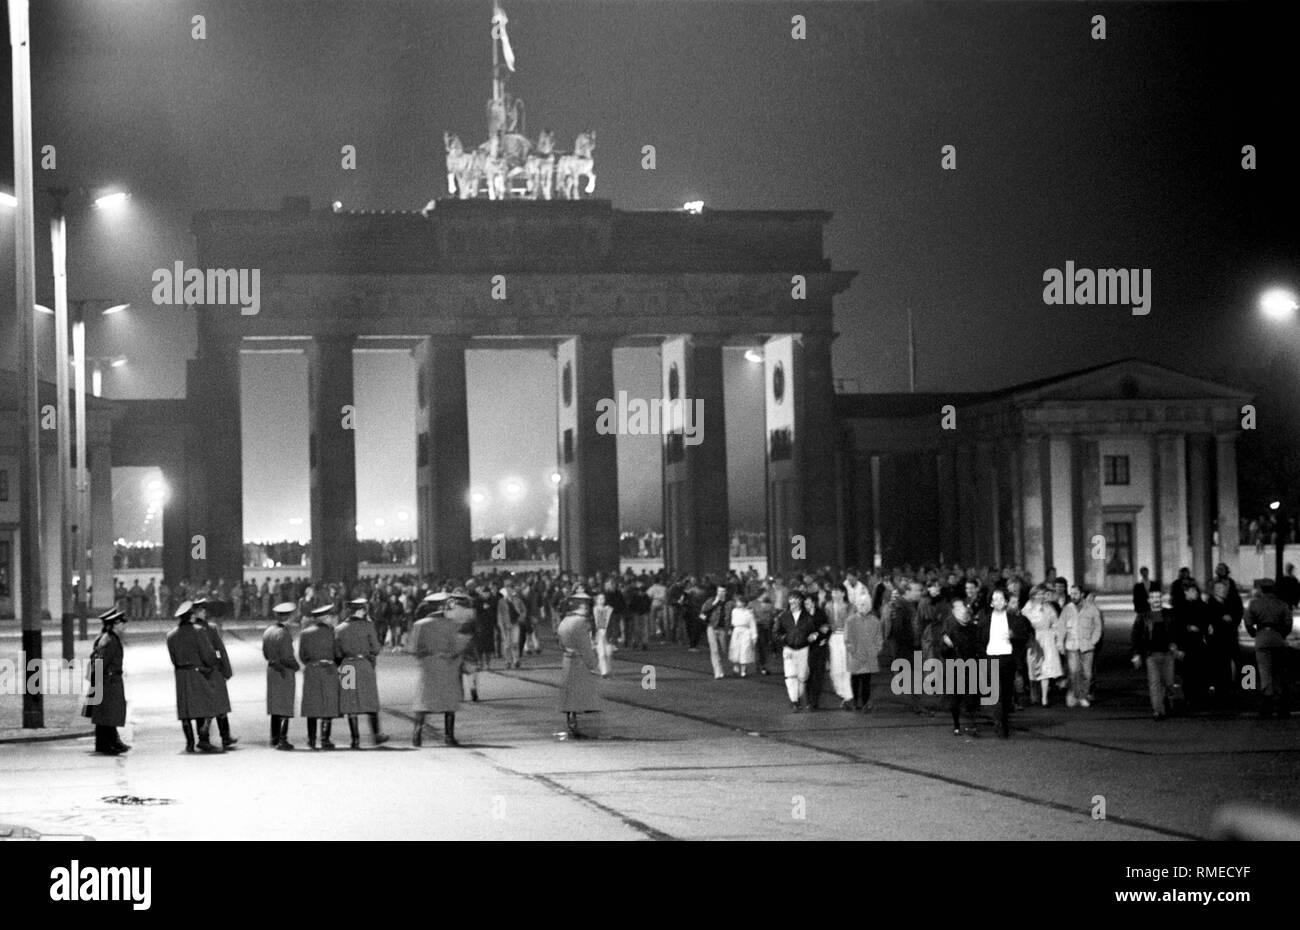 """Vue depuis l'Est de Berlin à la porte de Brandebourg dans la nuit du 9 au 10 novembre, après la """"chute du Mur"""". Les citoyens de l'Est et l'ouest de Berlin se tenir sous la porte et sur le mur (derrière), des troupes frontalières de la RDA sont à l'avant et sous la porte. Photo Stock"""